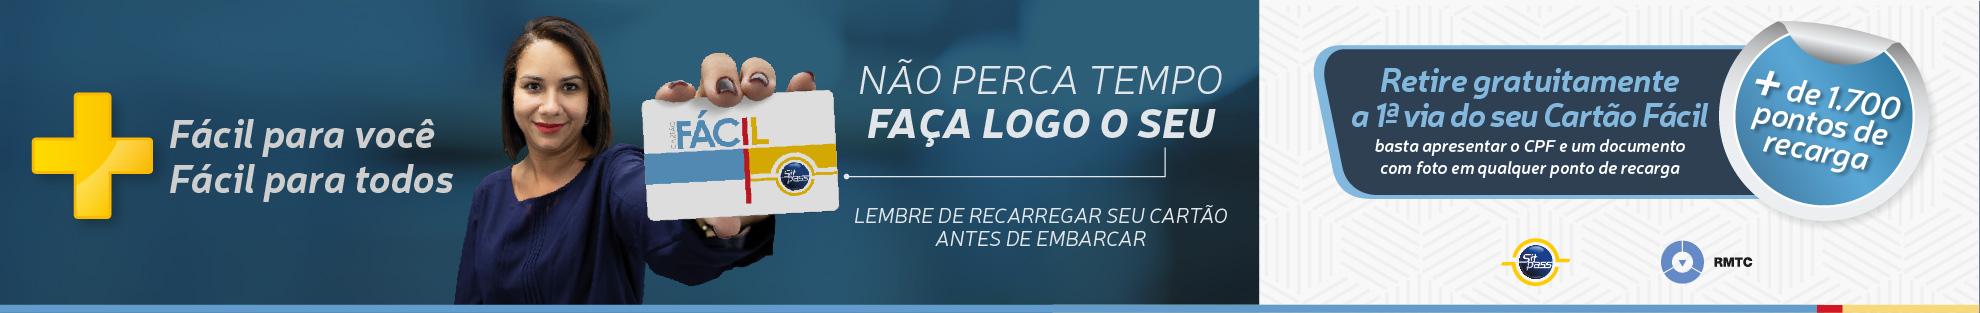 Banner Cartão Fácil